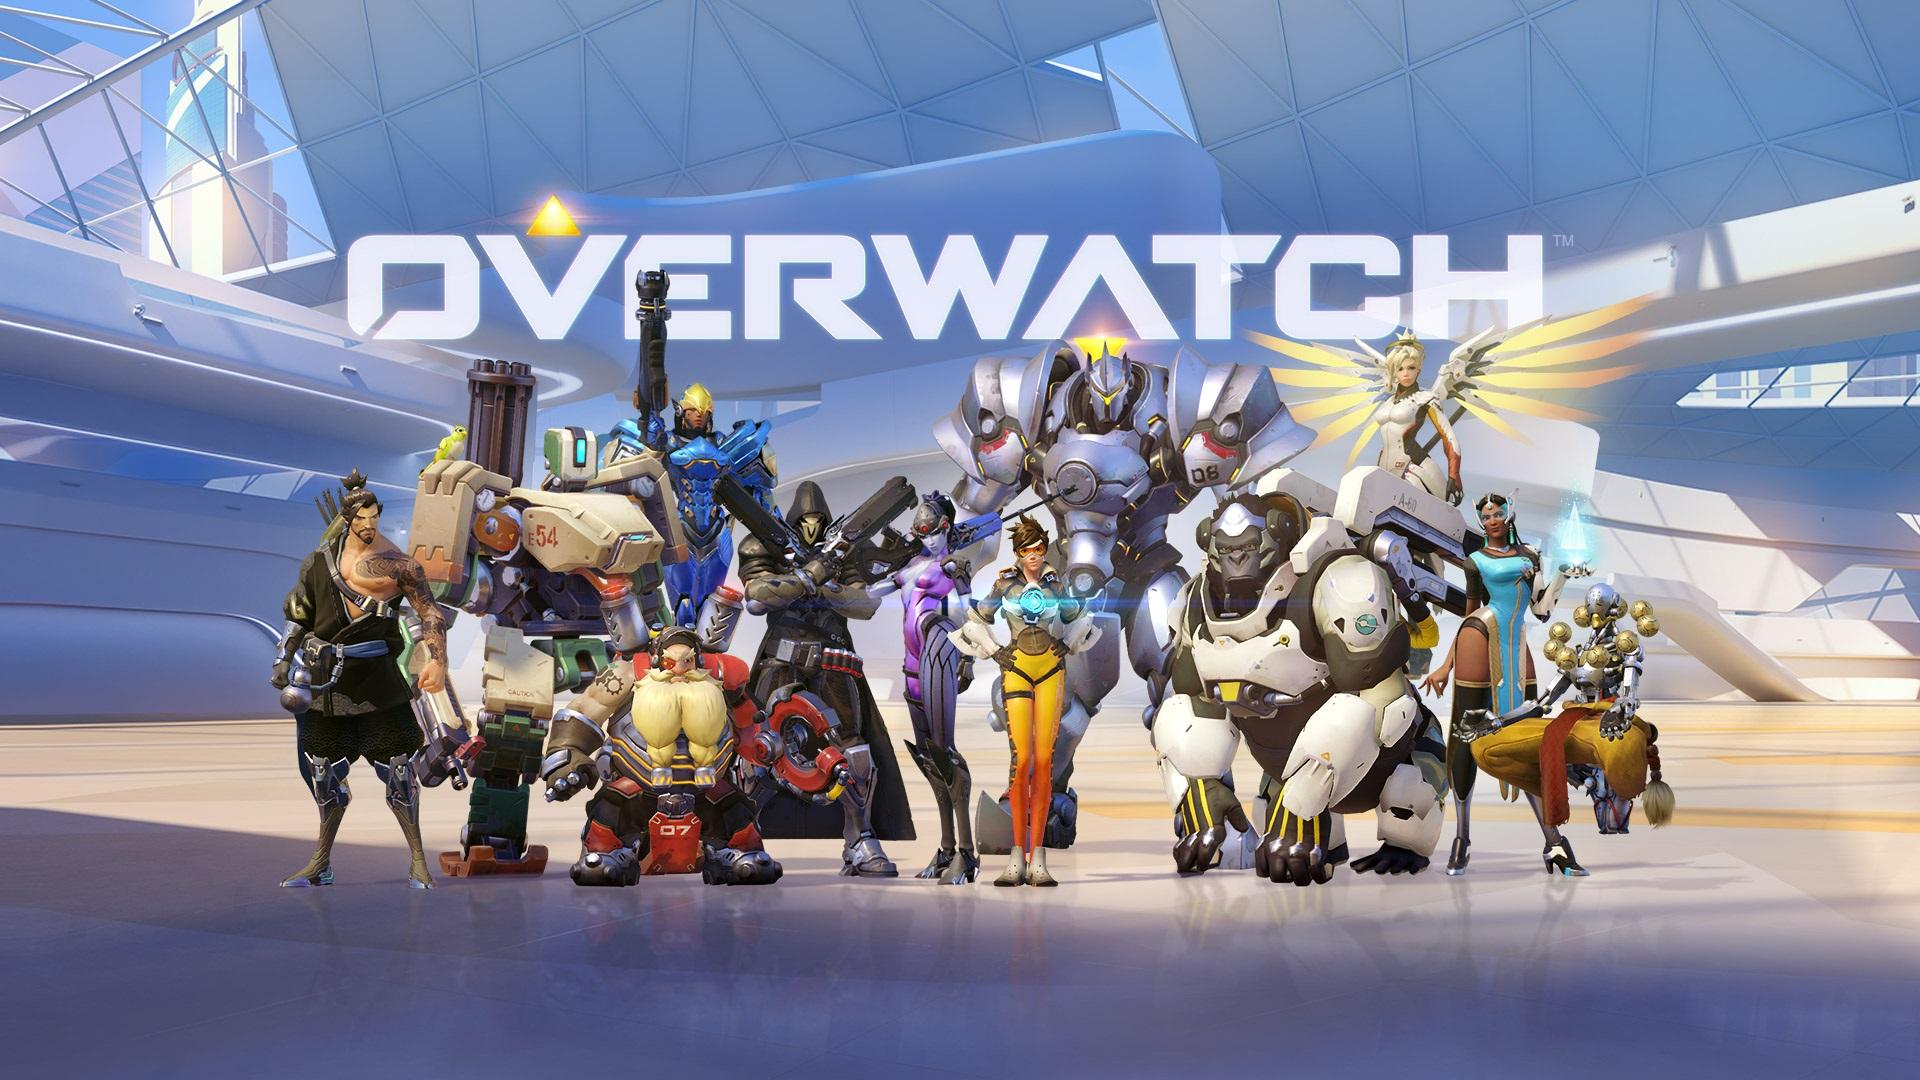 Overwatch wallpaper 10